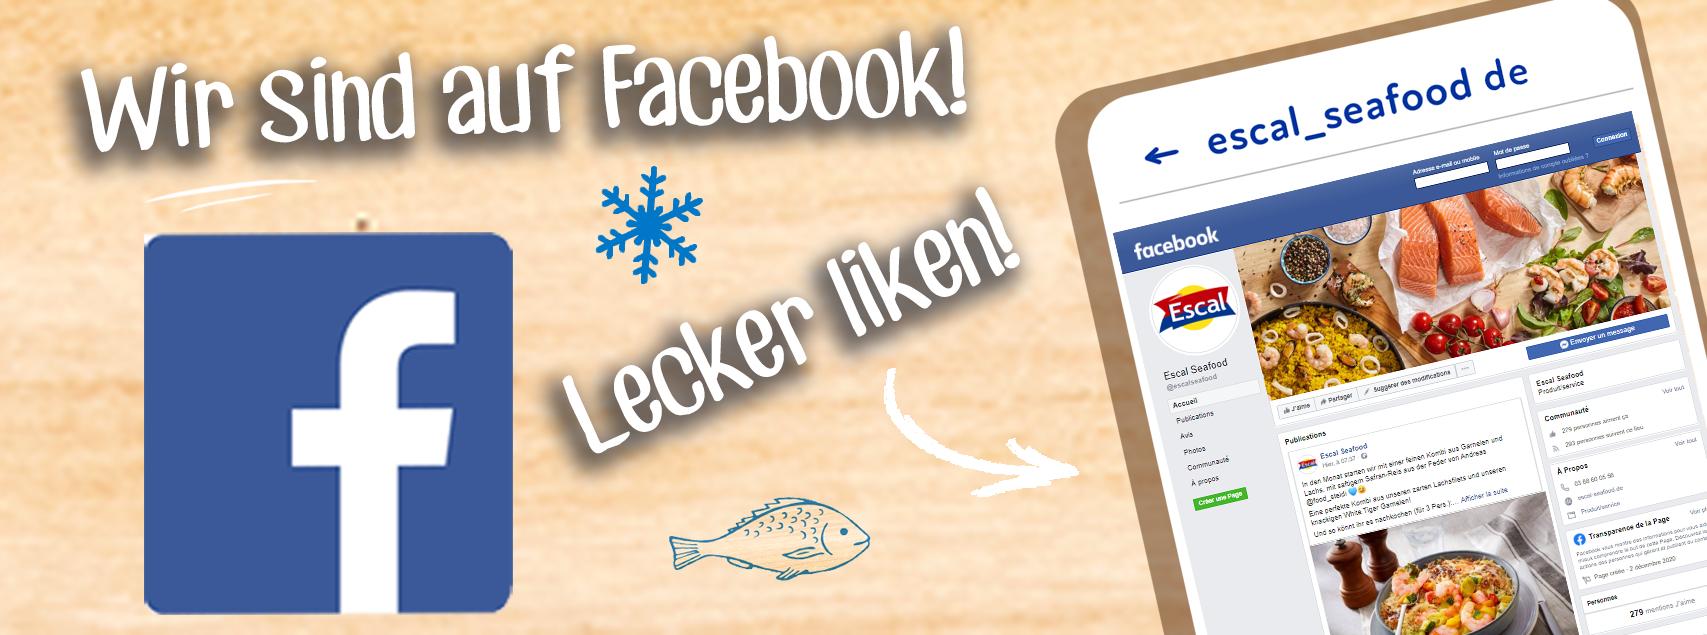 #Wir sind auf Facebook!